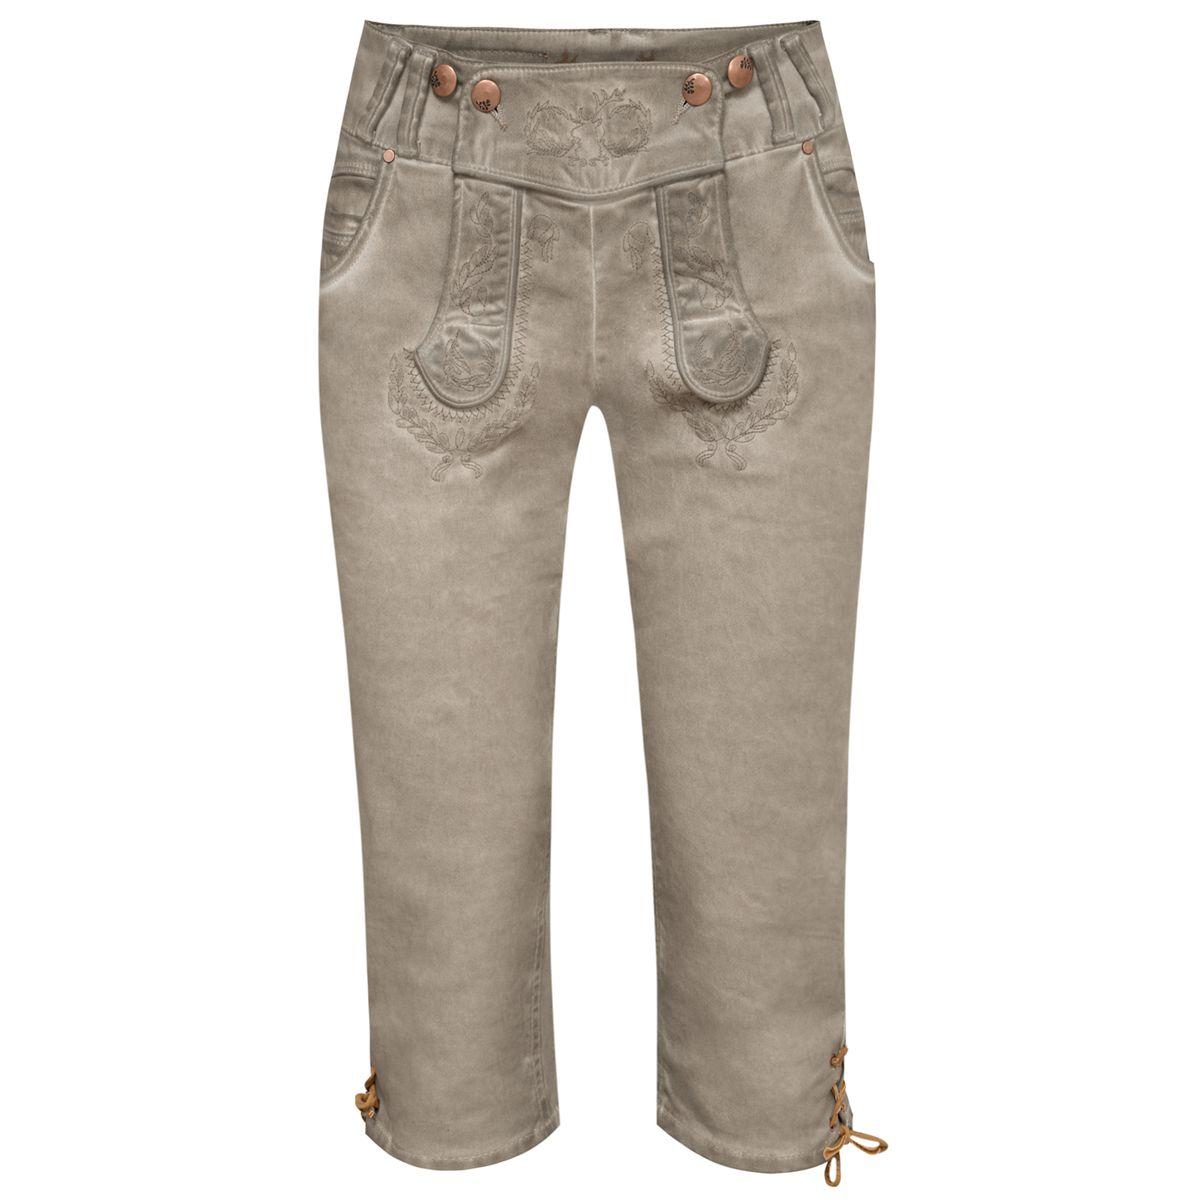 Jeans-Kniebundlederhose Nicole in Grau von Hangowear günstig online kaufen